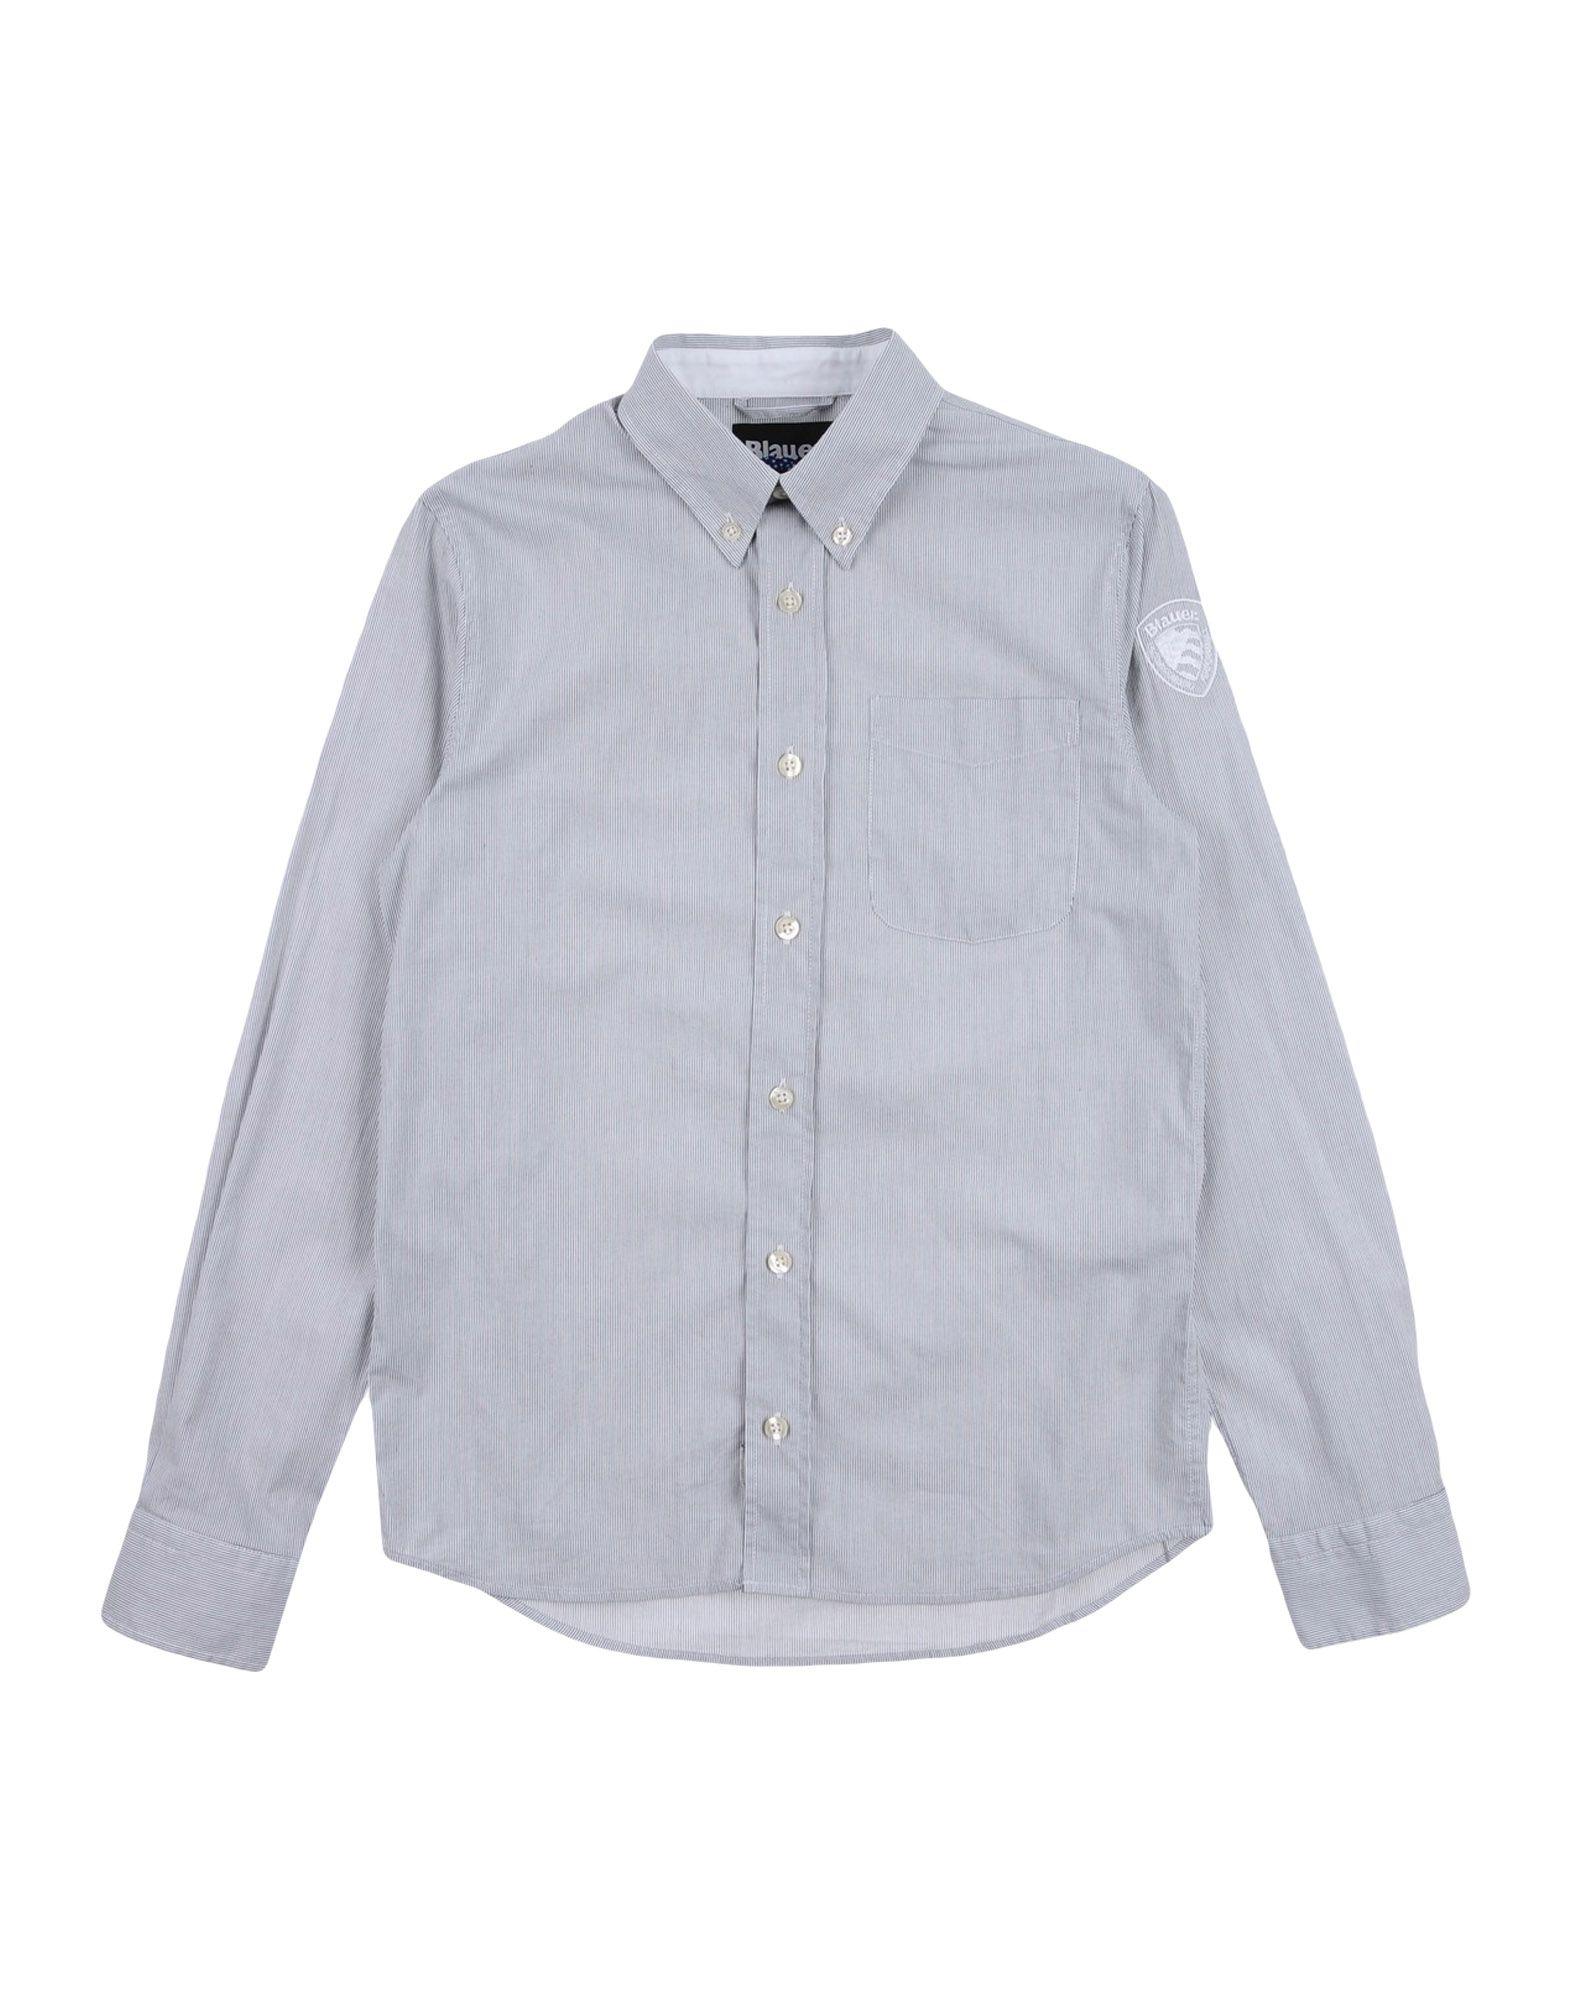 BLAUER シャツ グレー